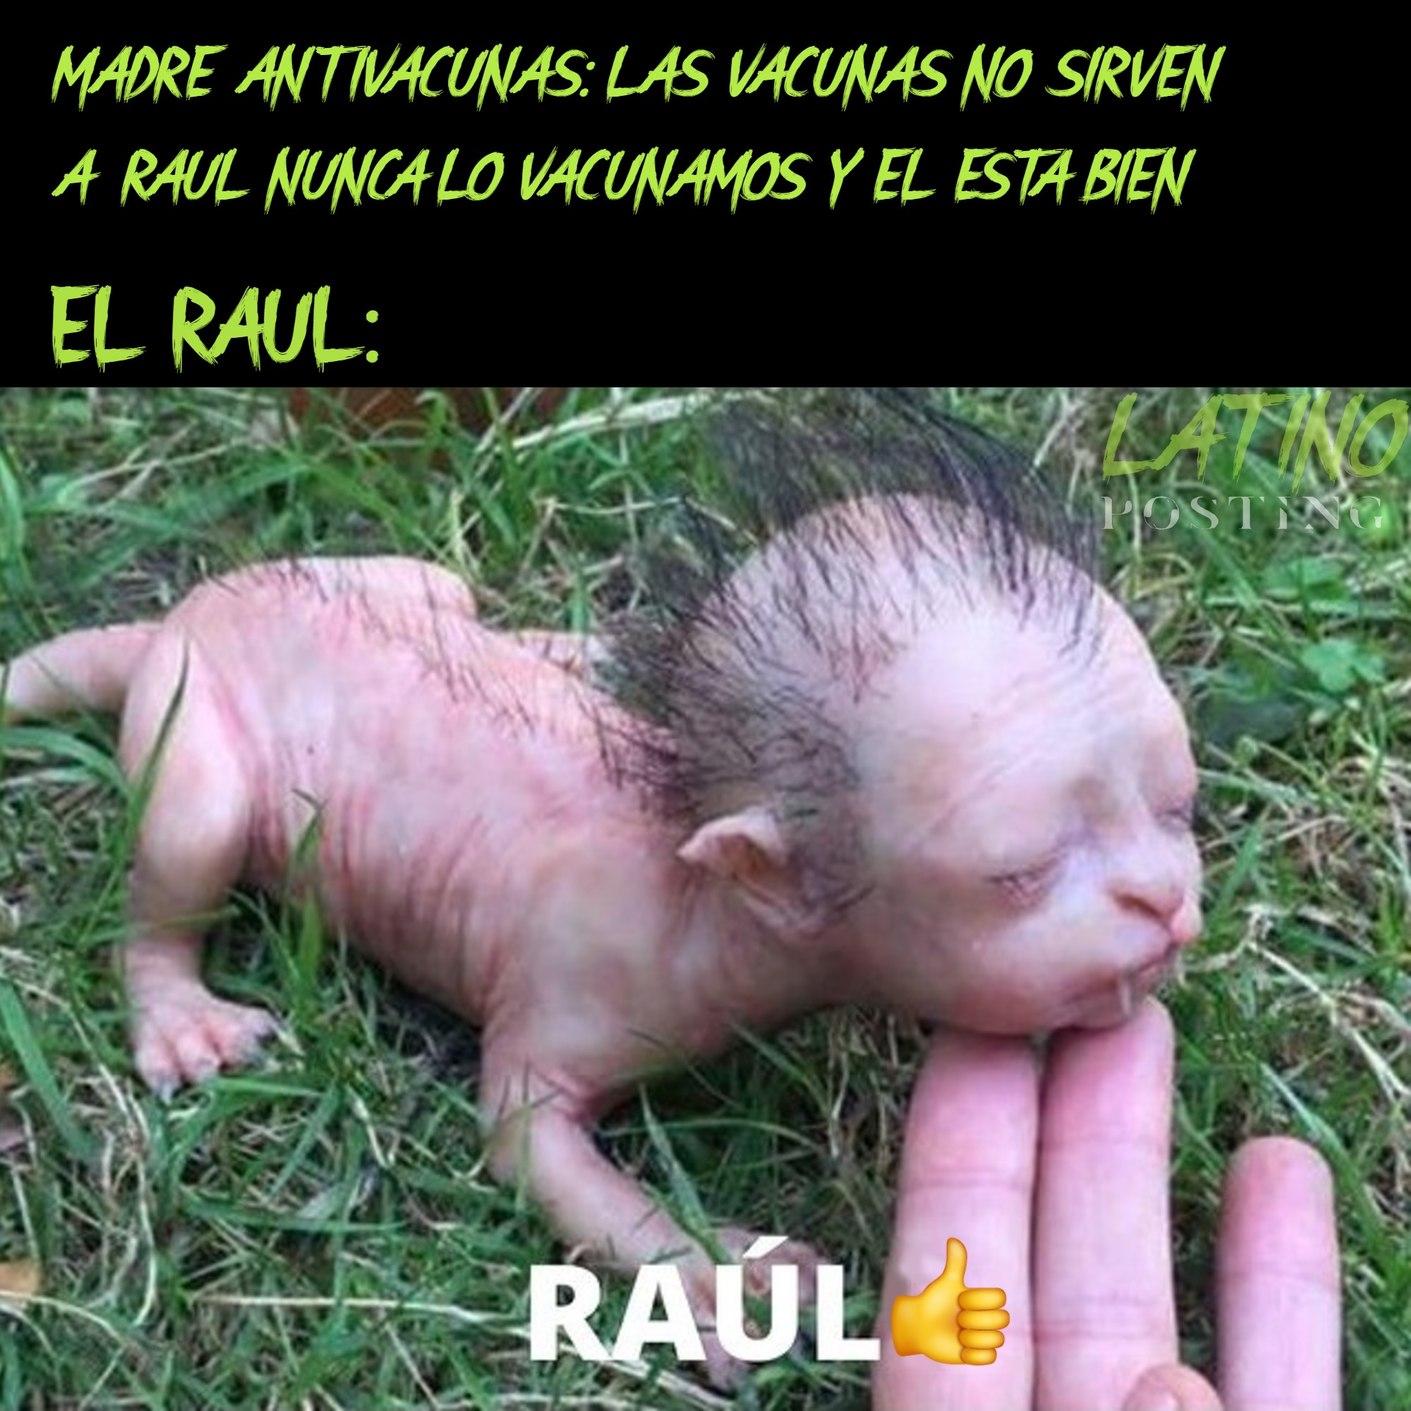 RAUL TA JOYA - meme